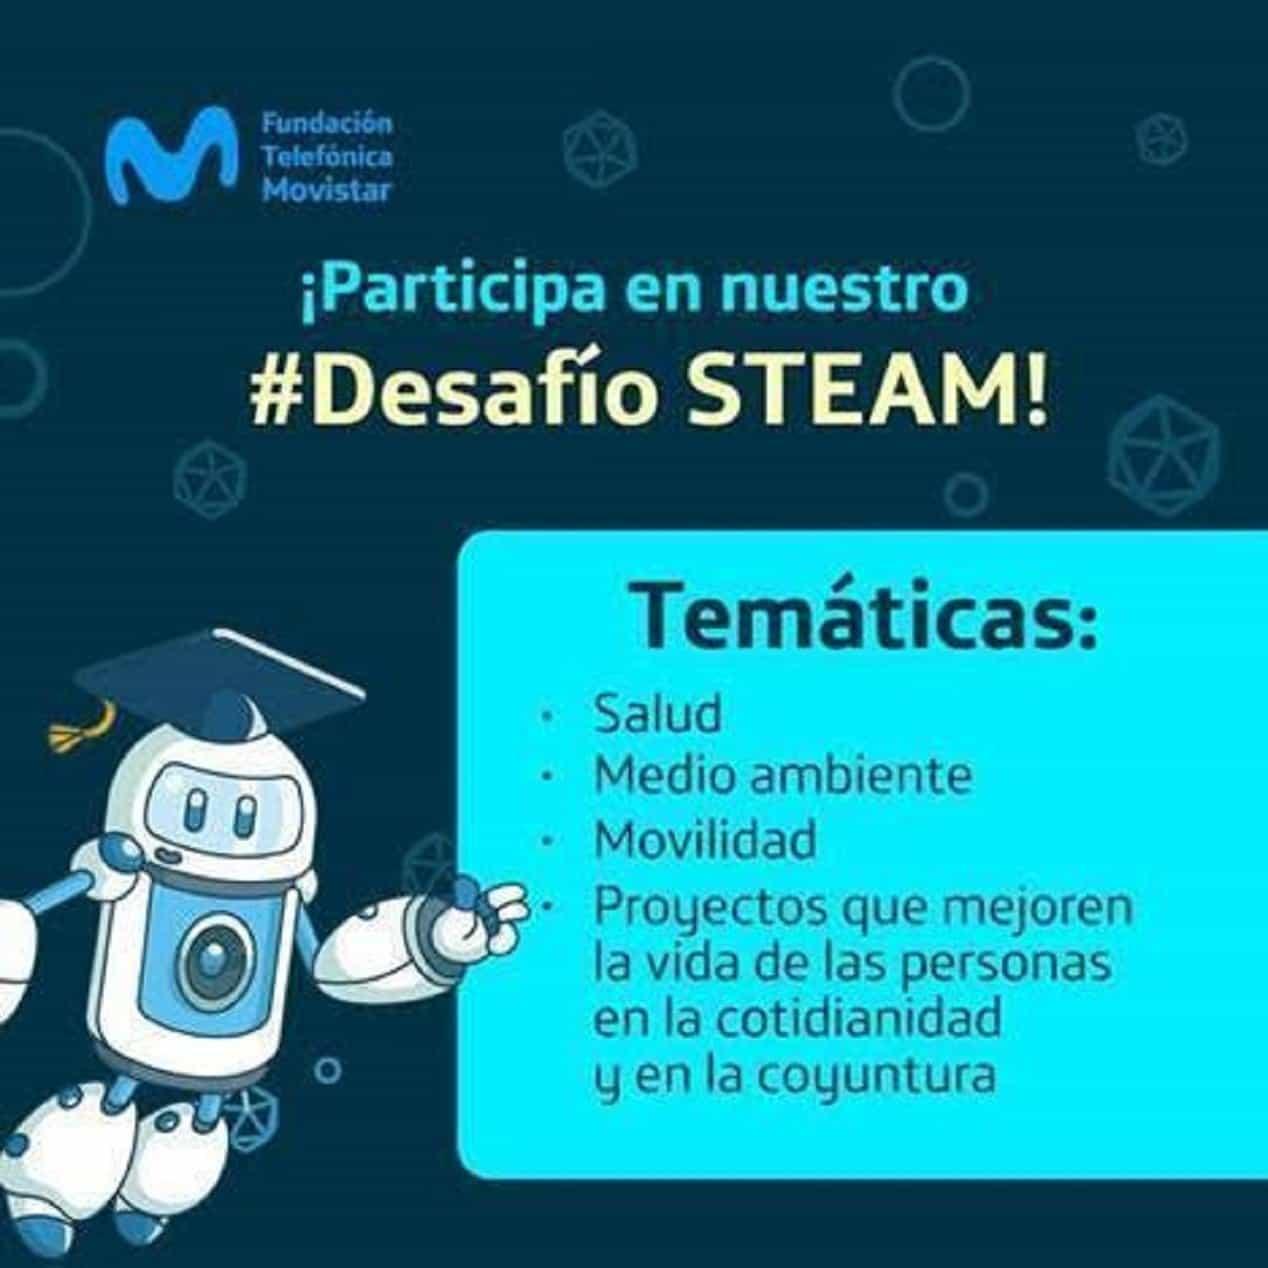 Convocatoria al desafío Steam de la Fundación Telefónica Movistar. Foto: archivo particular